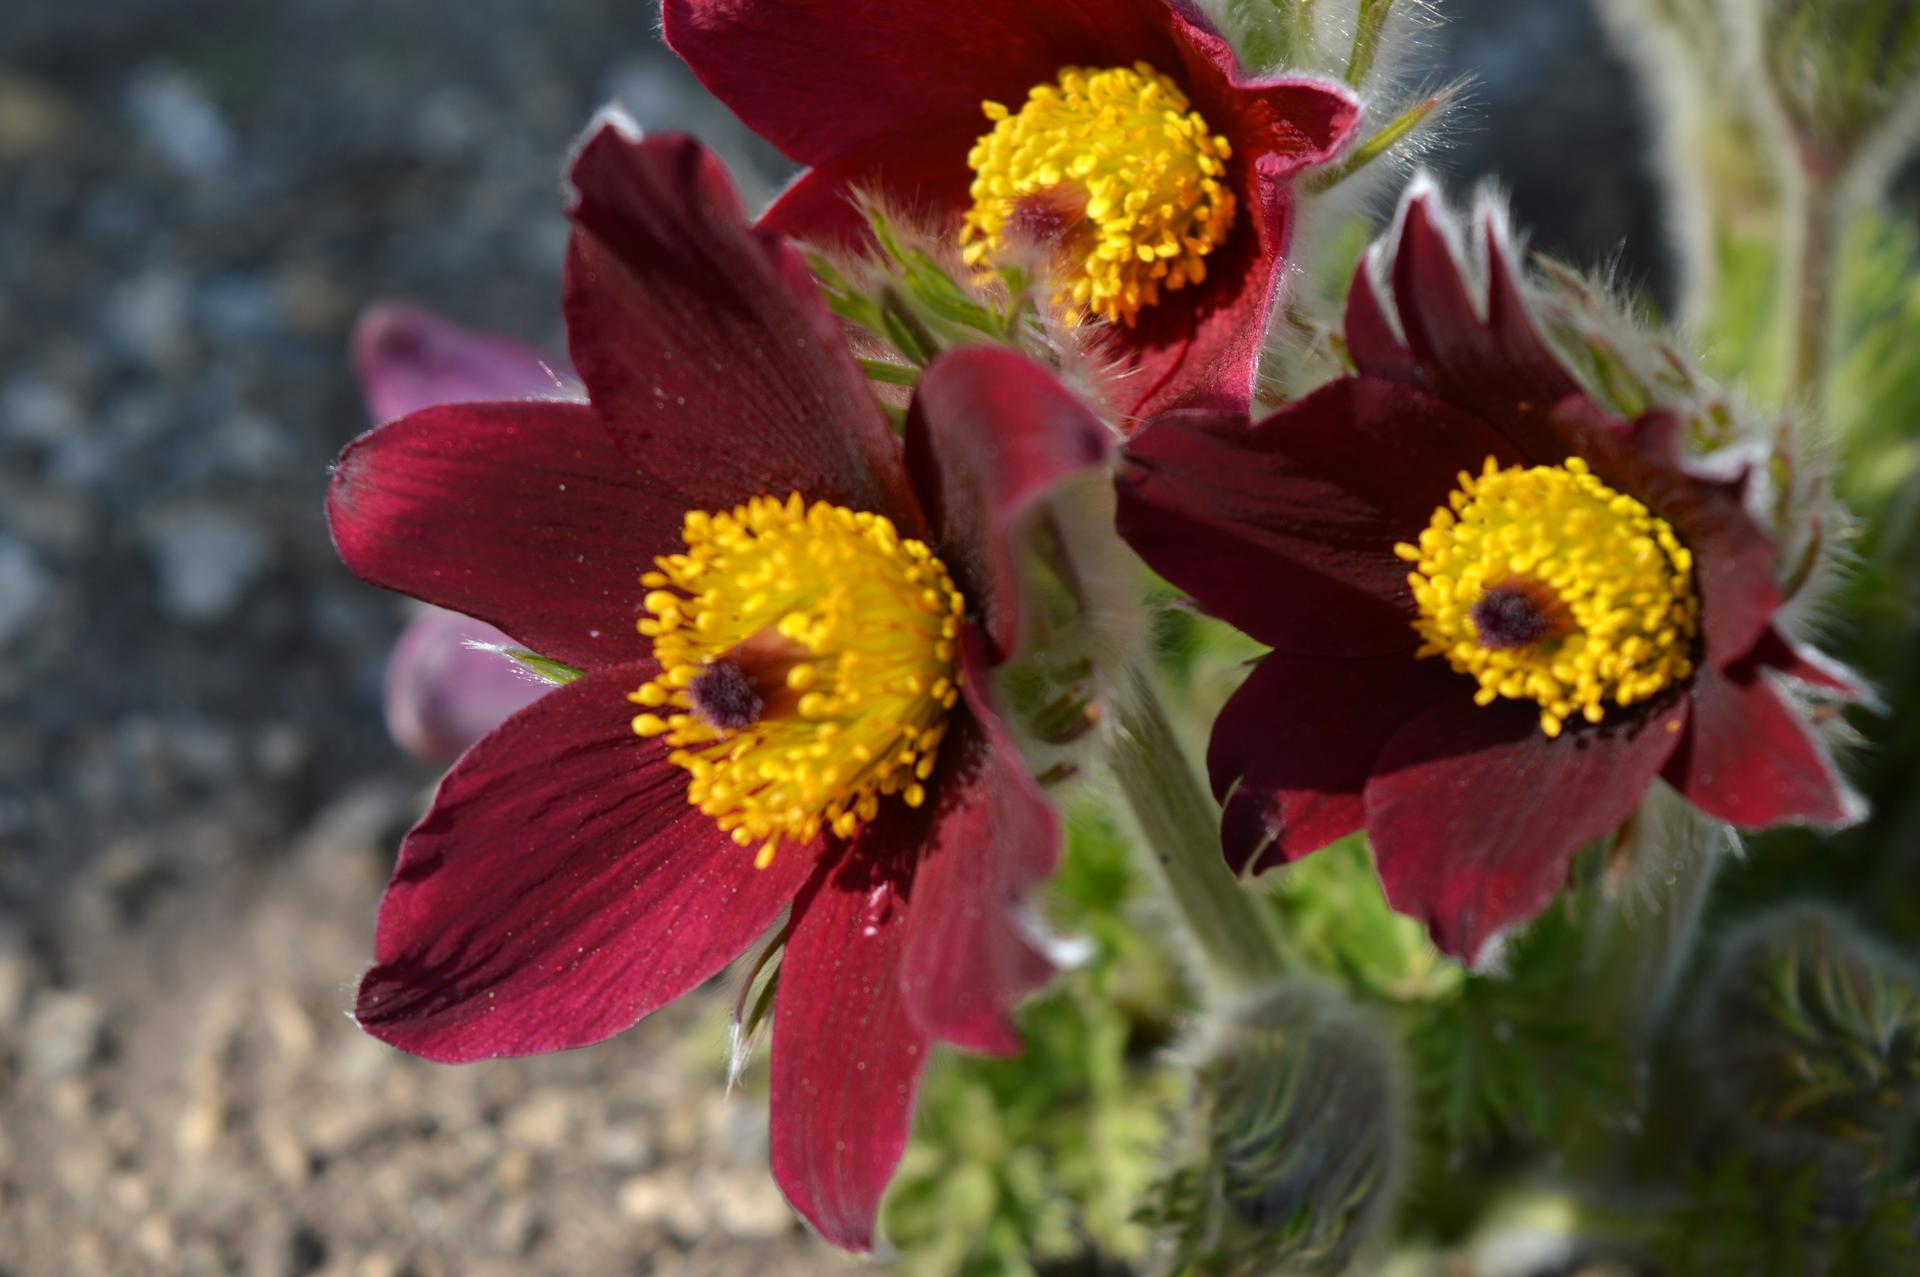 Naša prírodná perma záhradka v roku 2020 - chlpáčiky už krásne nadstavili líčka slnku